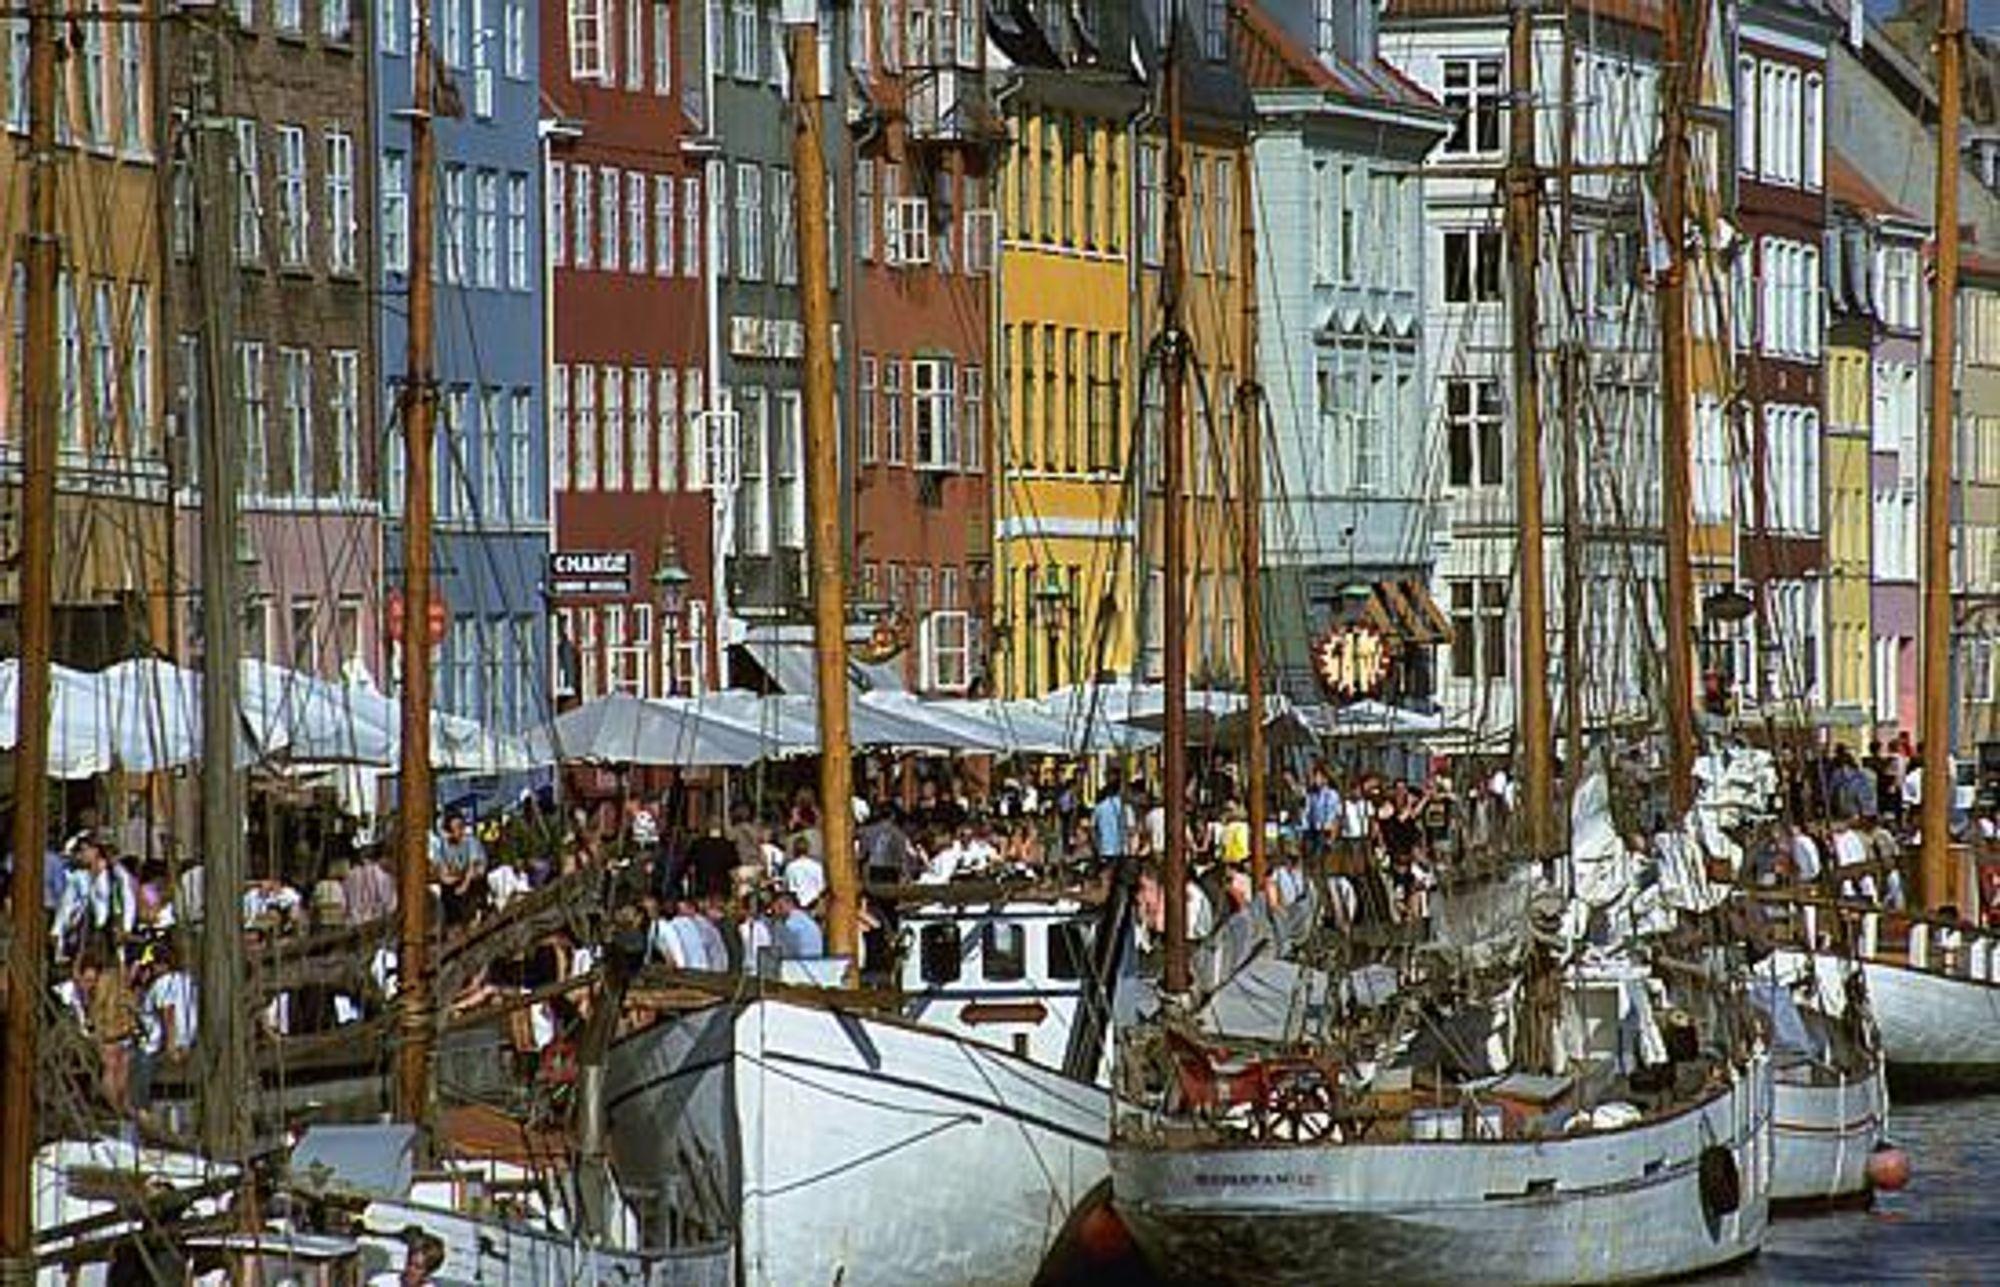 TETT I TETT: Det er ikke bare på varme sommerdager i Nyhavn det er trangt om plassen. Veinettet i København er i ferd med å bryte sammen også.